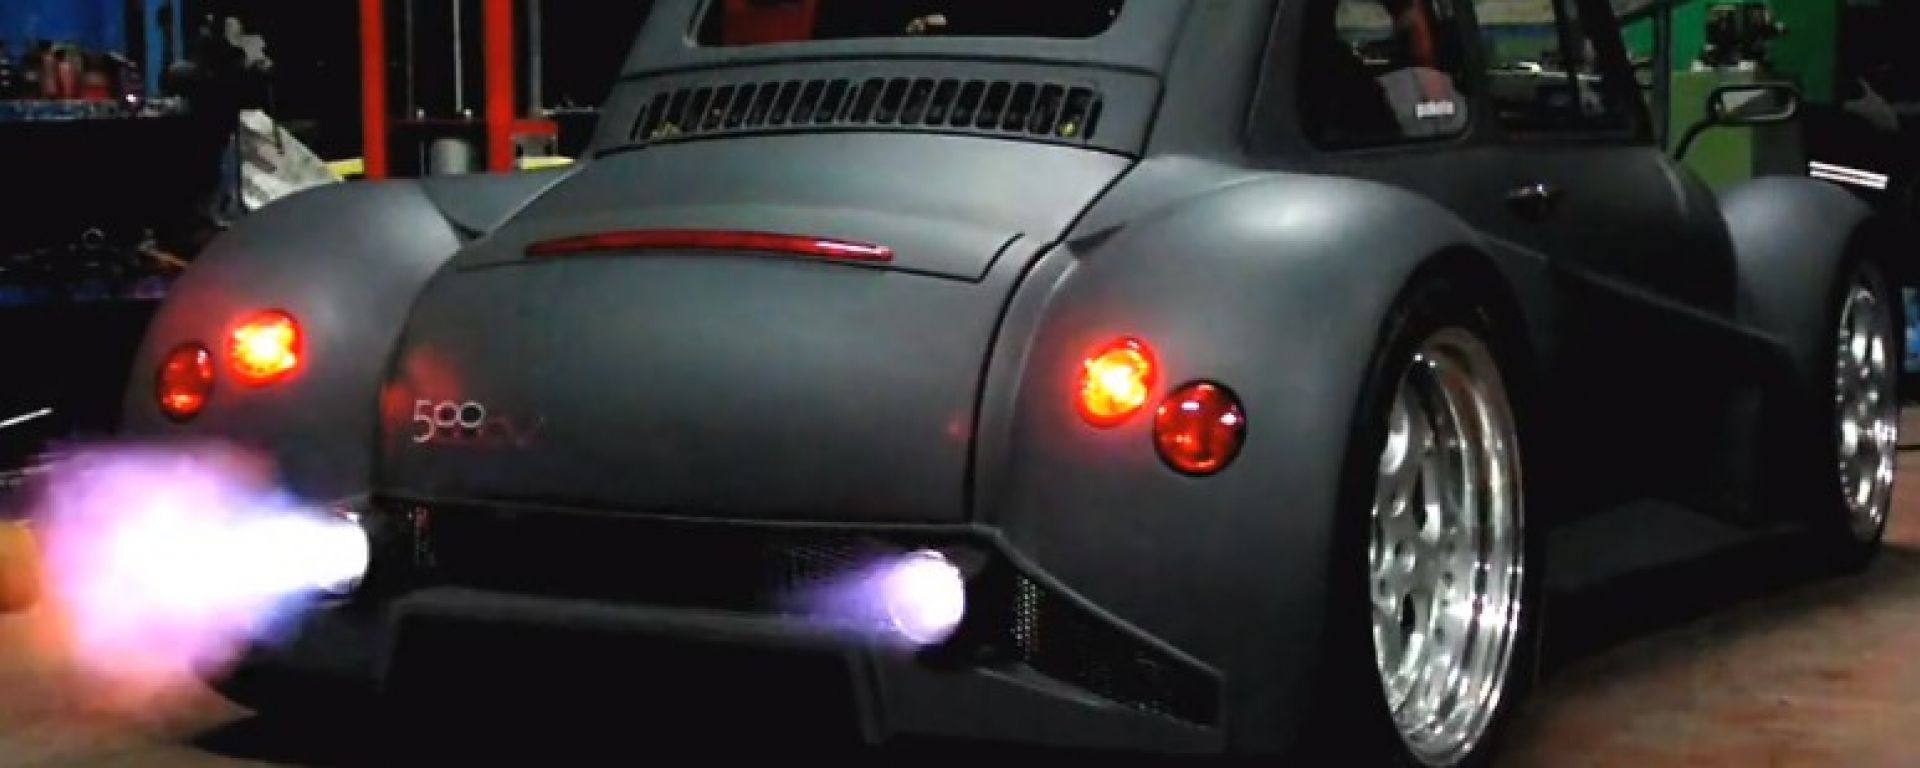 500 Lamborghini by Oemmedi